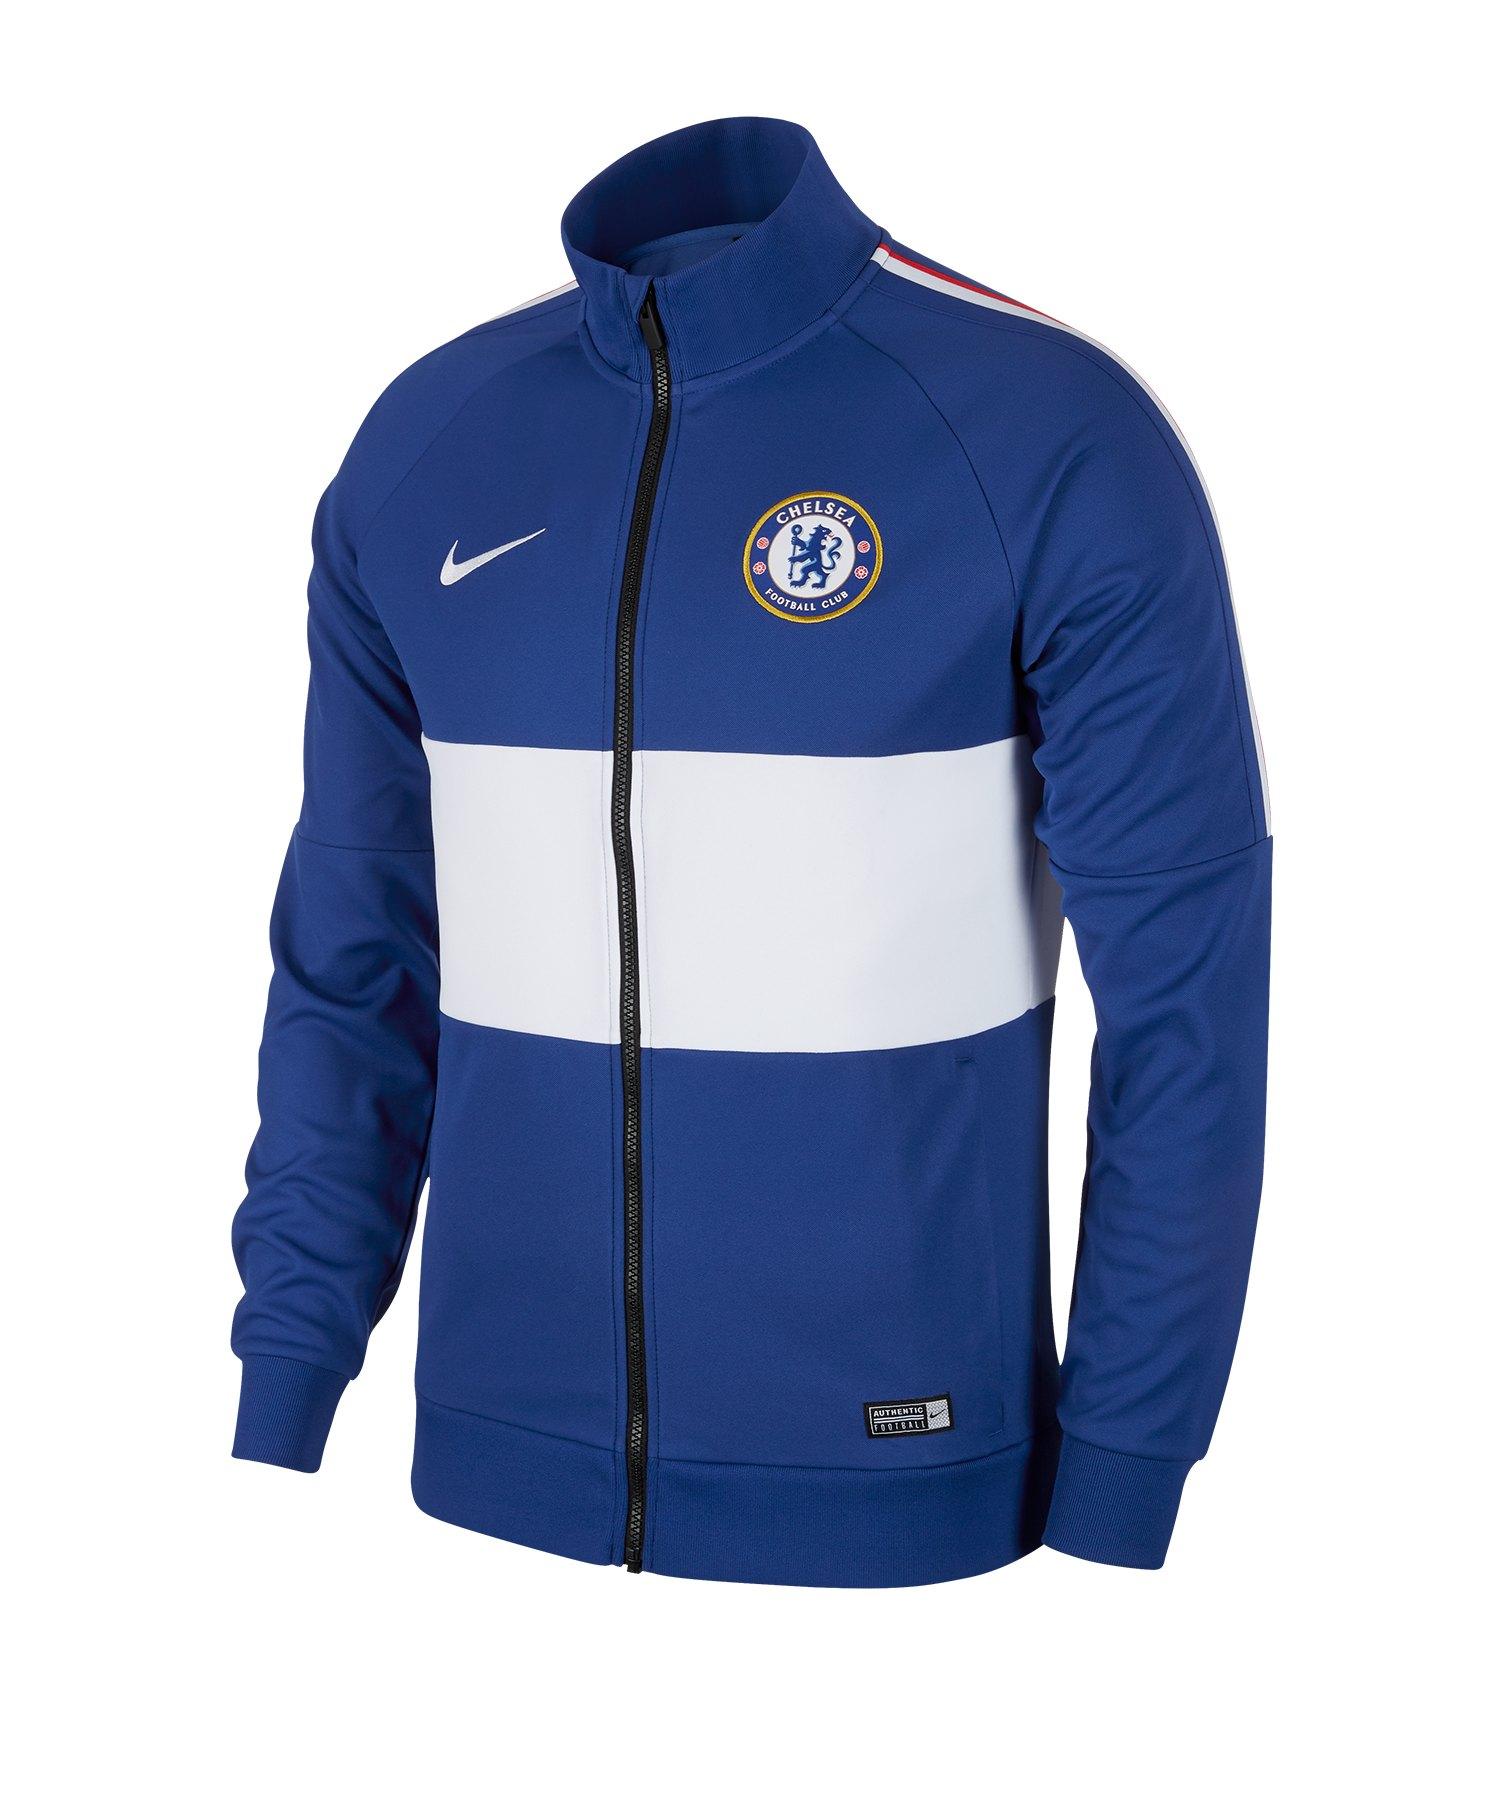 Nike FC Chelsea London I96 Jacke Blau F495 - Blau